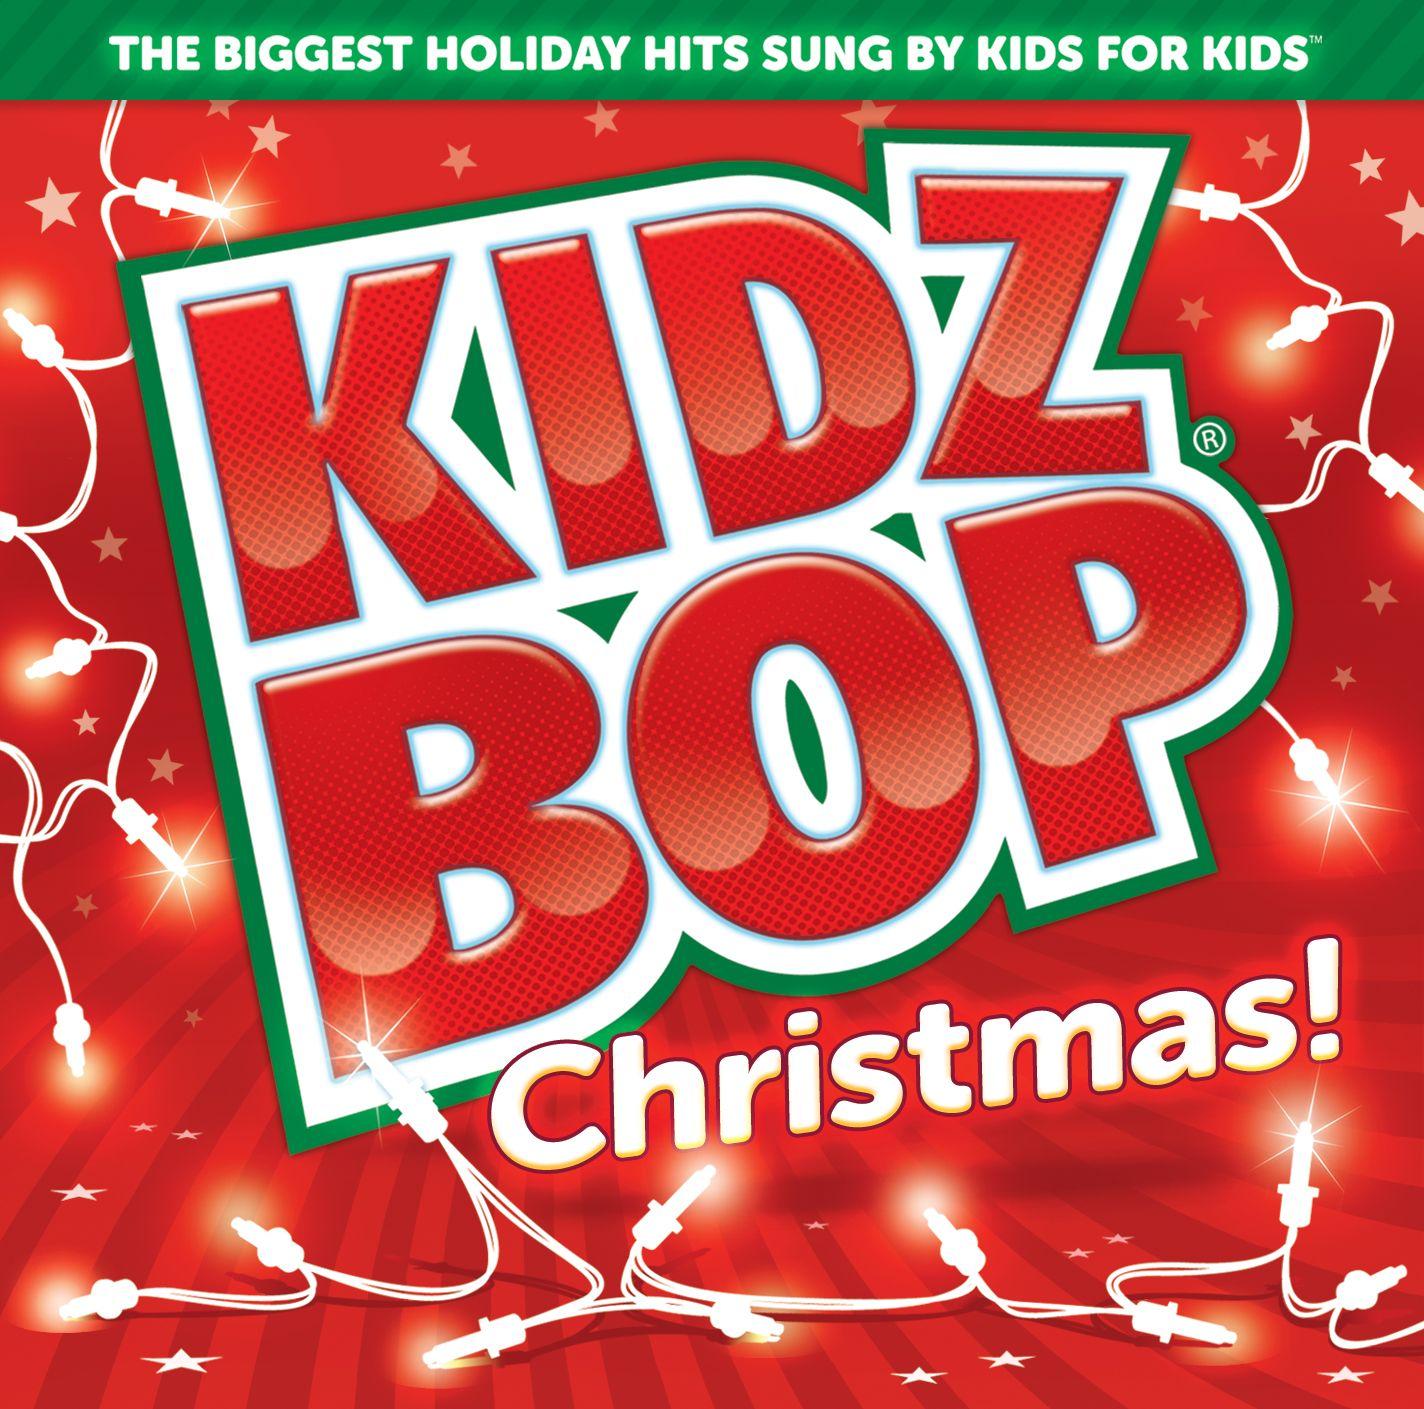 kidz bop 5 cover - Google Search | kids bop | Pinterest